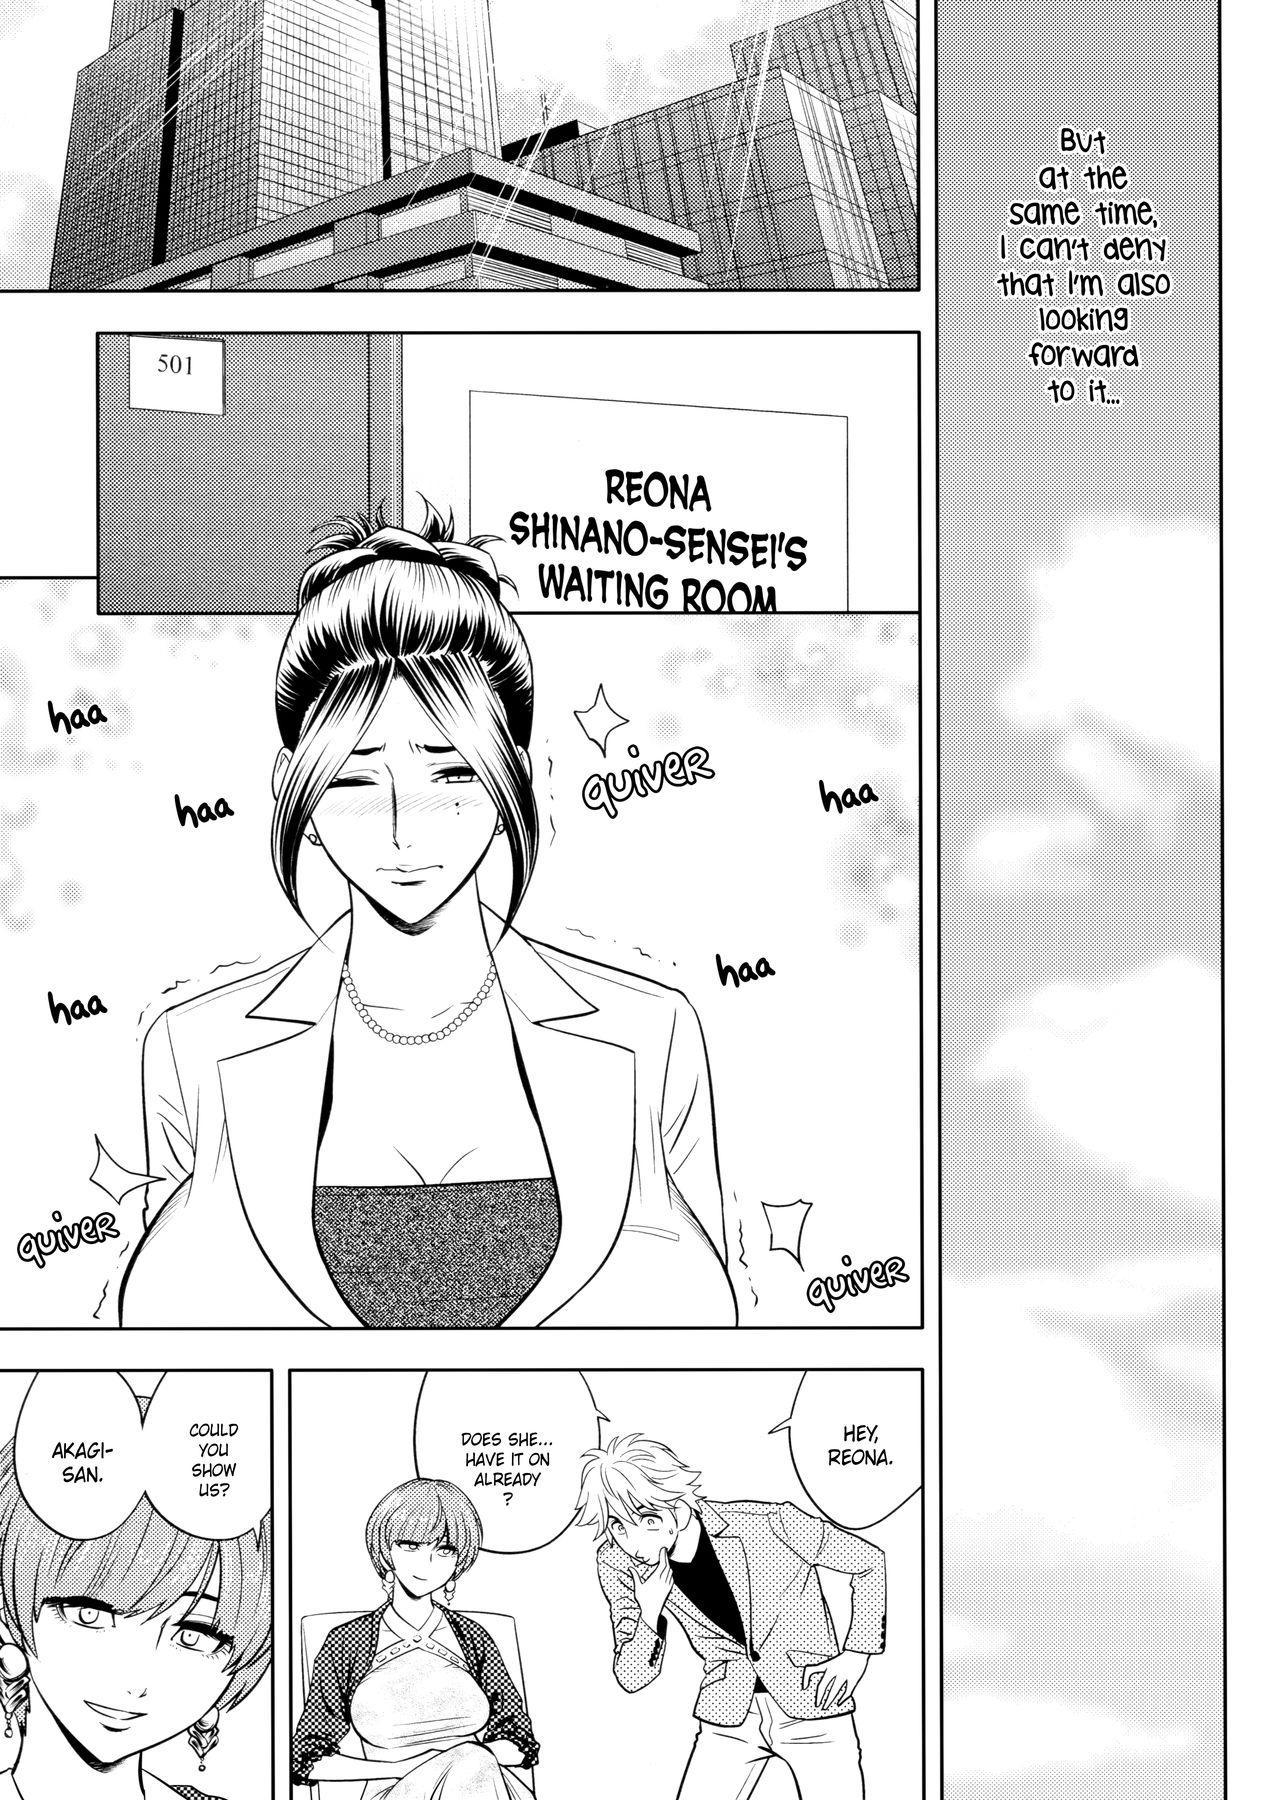 [Tatsunami Youtoku, Yamasaki Masato] Bijin Henshuu-chou no Himitsu | Beautiful Editor-in-Chief's Secret Ch. 1-8 [English] [Forbiddenfetish77, Red Vodka, Crystalium, CEDR777] [Decensored] 158